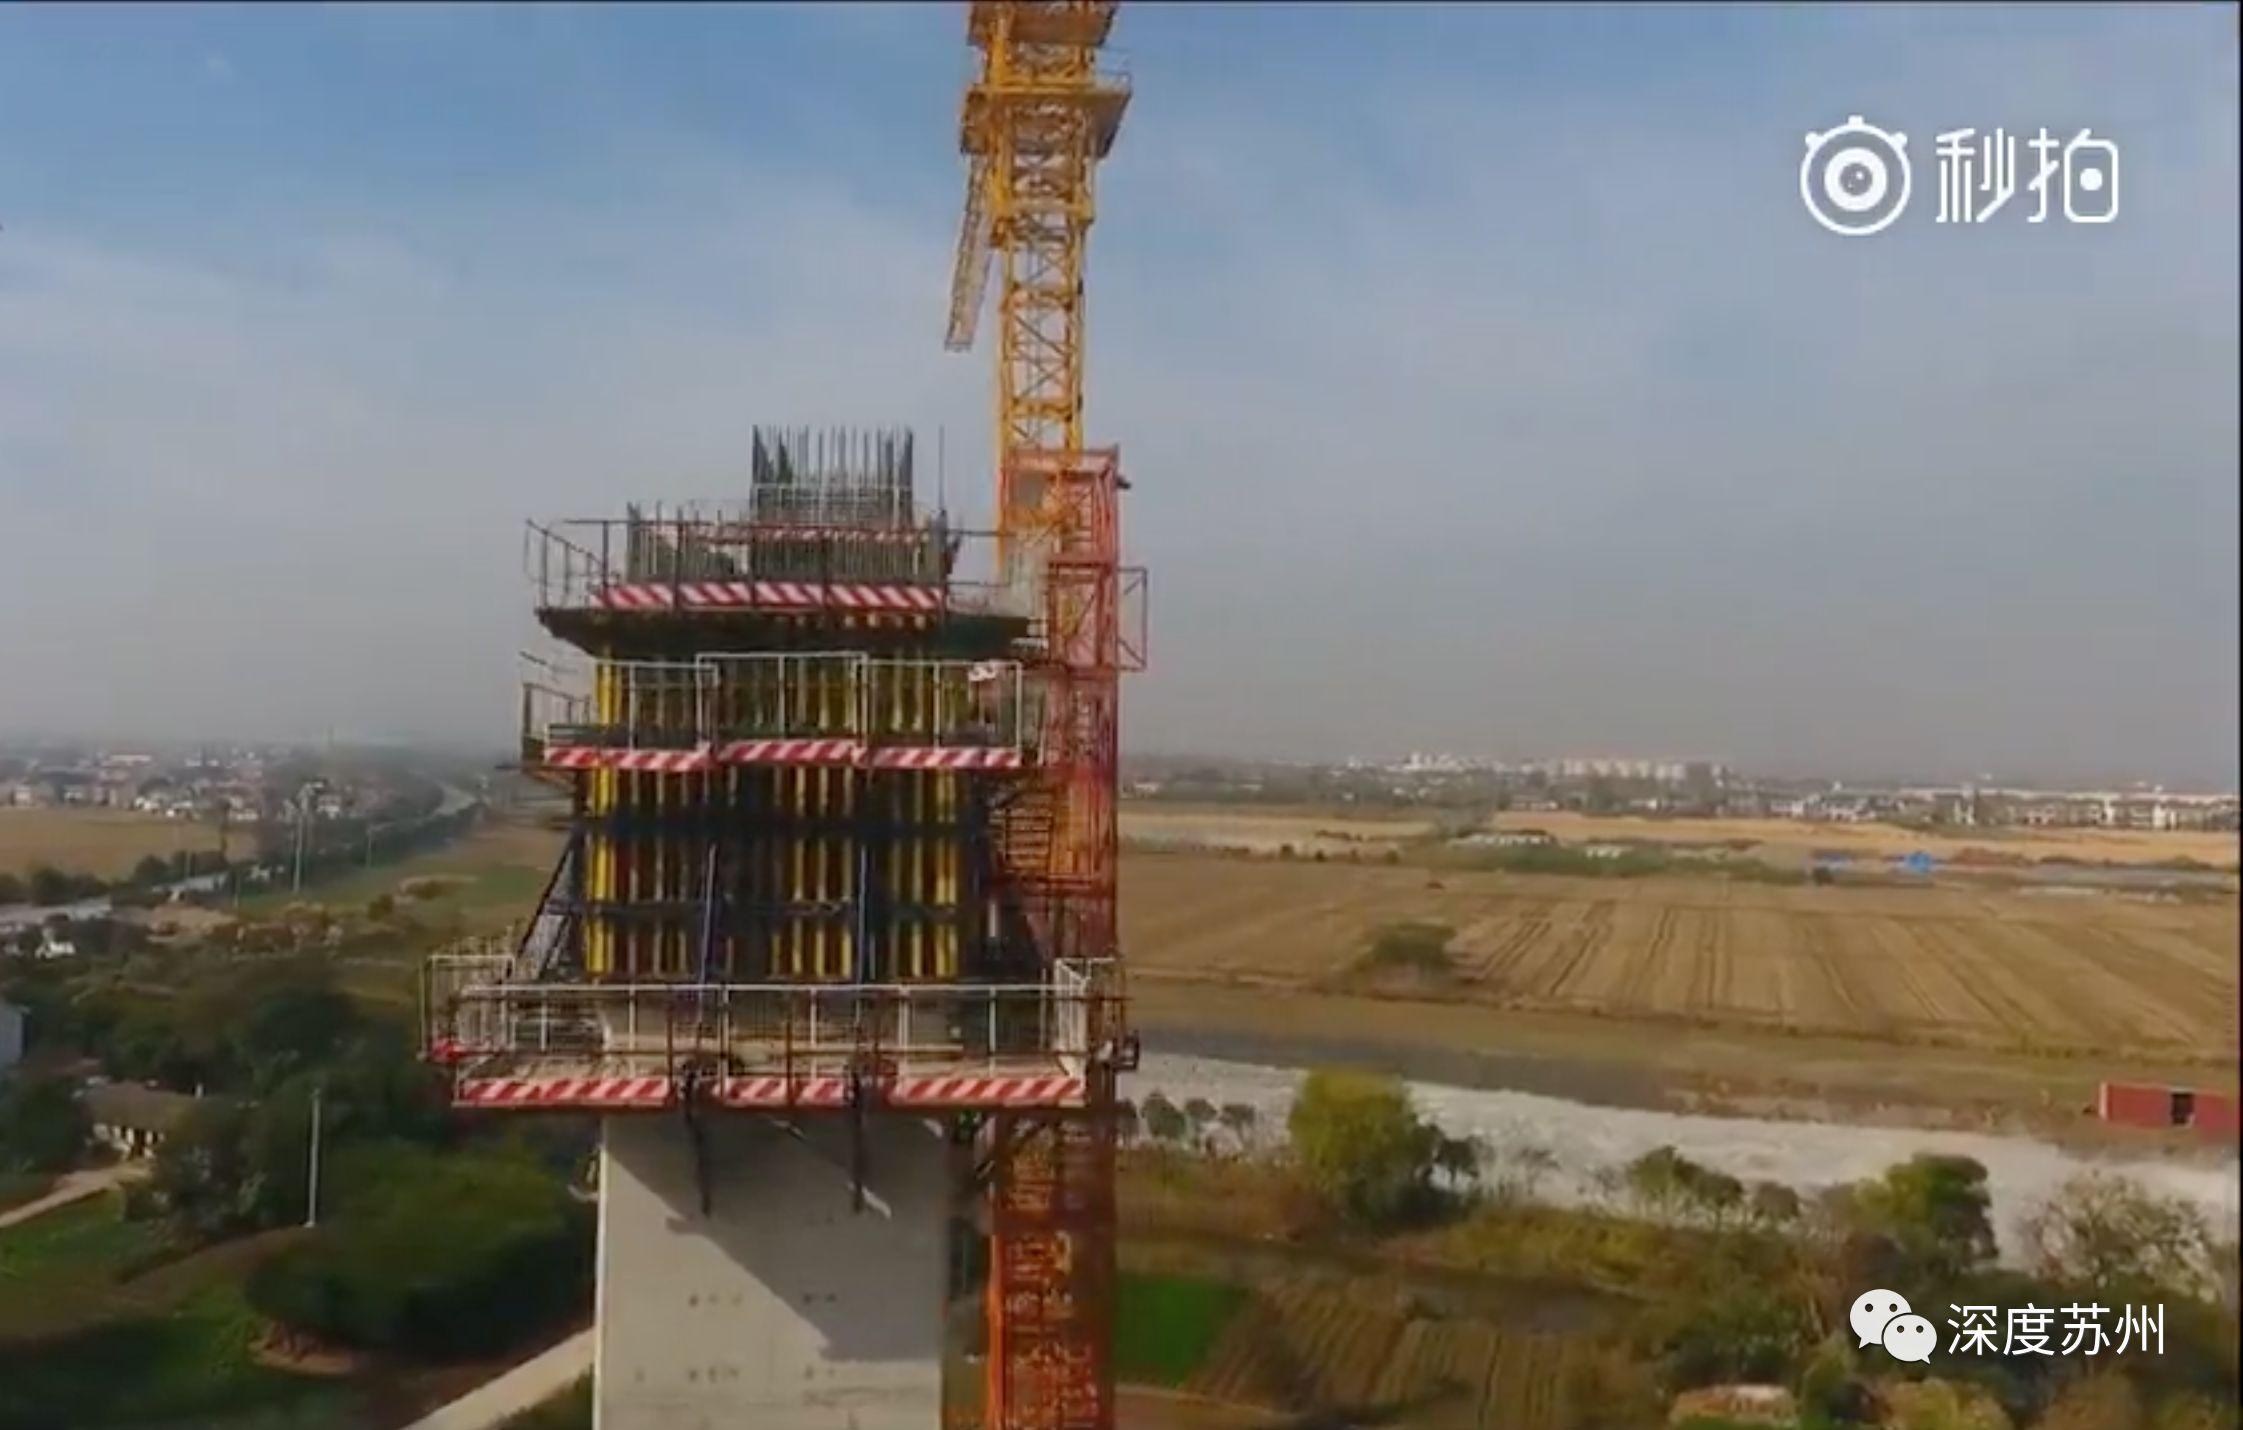 该项目 计划2019年建成,这对于苏州人来说,去往南通方向也就多了一个